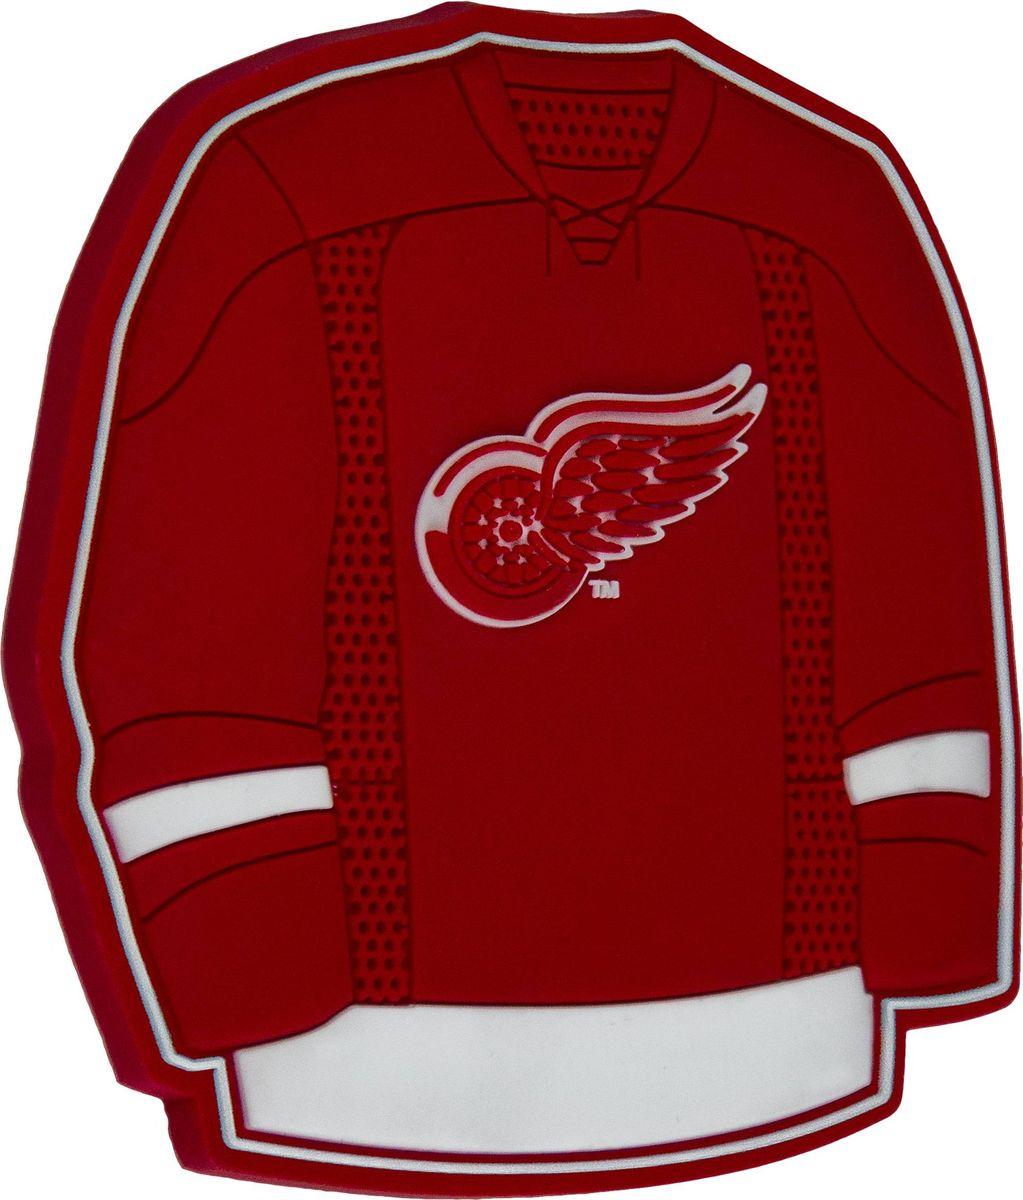 Магнит Atributika & Club Detroit Red Wings, цвет: красный. 56009GK02Магнит Atributika & Club выполнен из полимерного материалав виде символики вашего любимого клуба.Длина: 8 см.